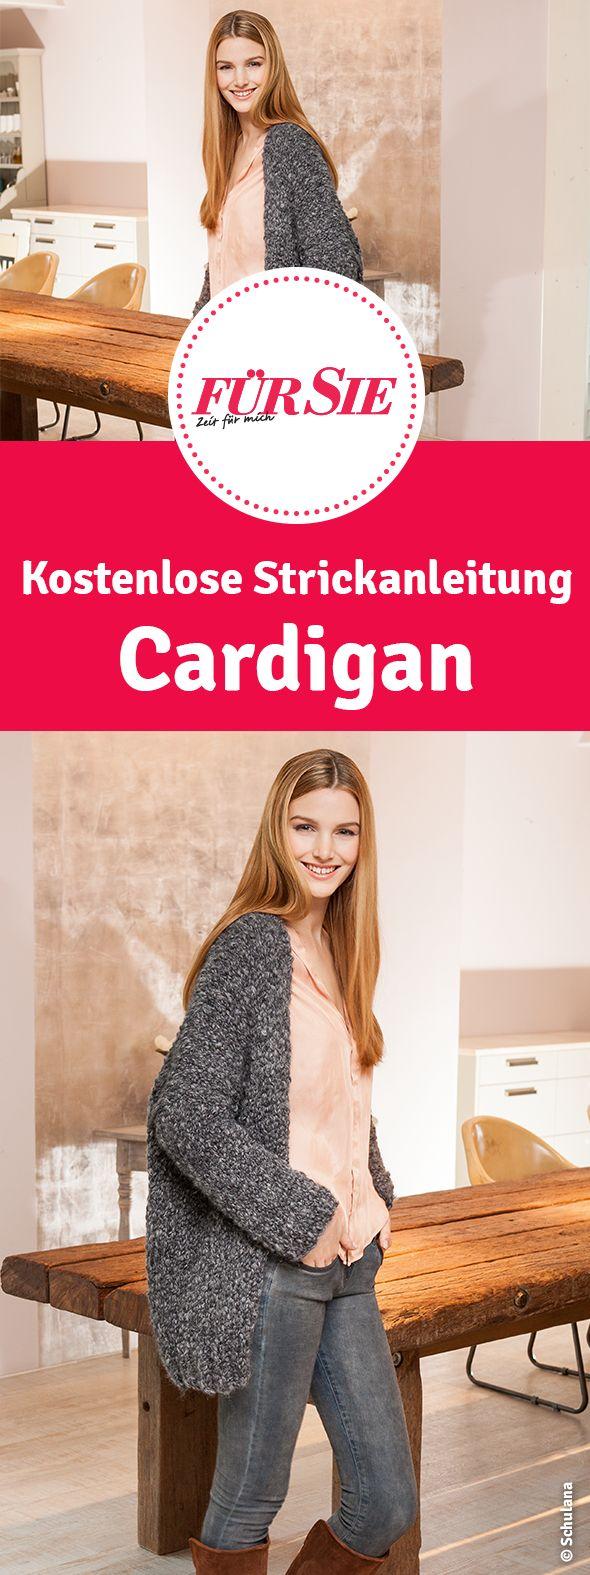 kostenlose Strickanleitung Cardigan selber stricken mit Strickmuster